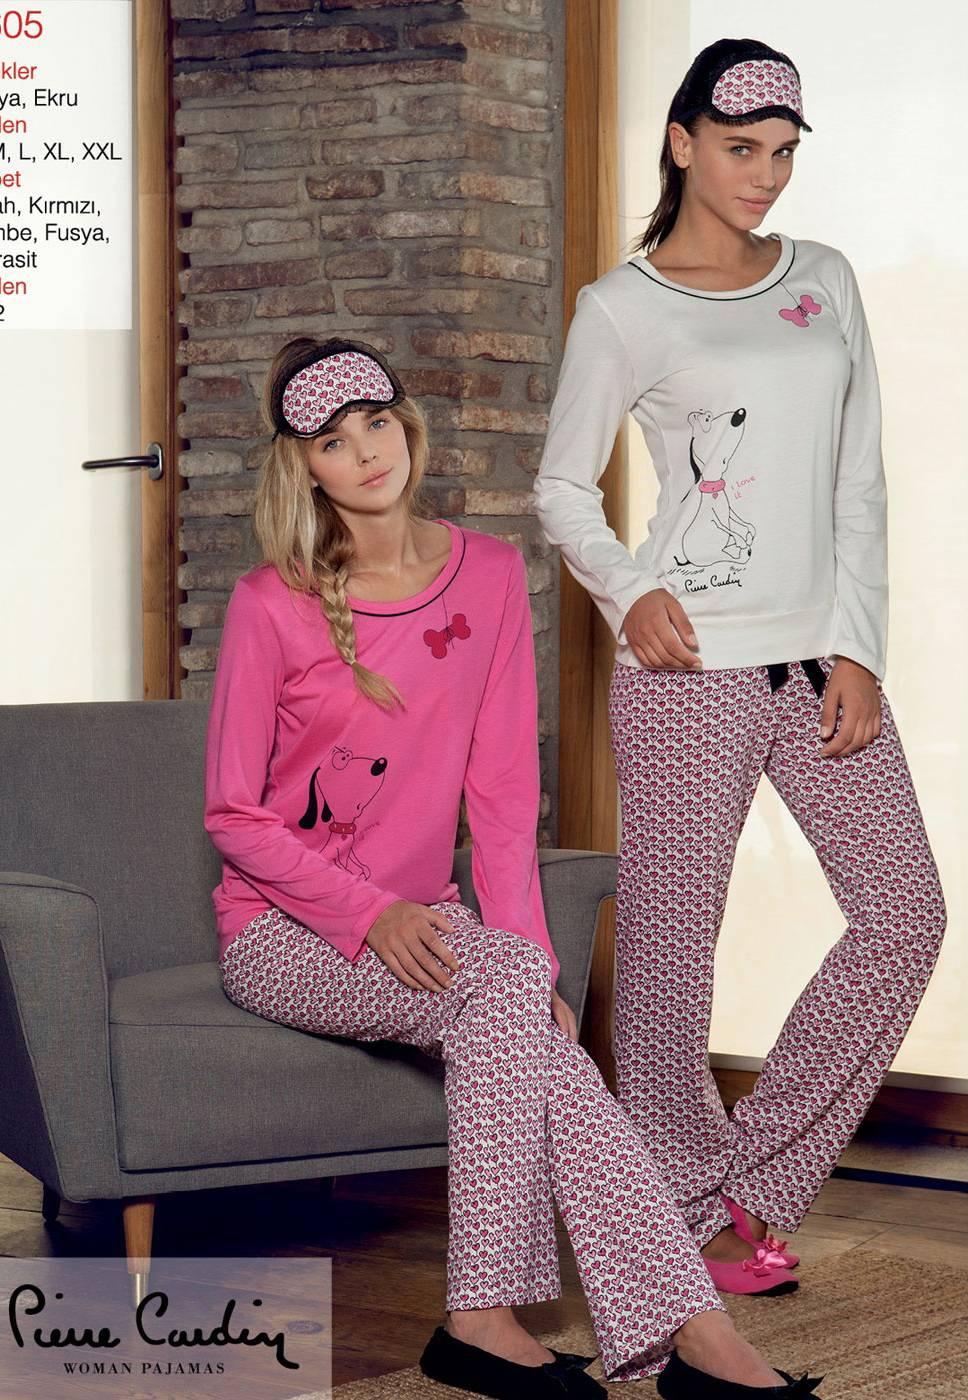 Pierre Cardin Minik Kalp 0 Yaka Pijama Takımı 8605